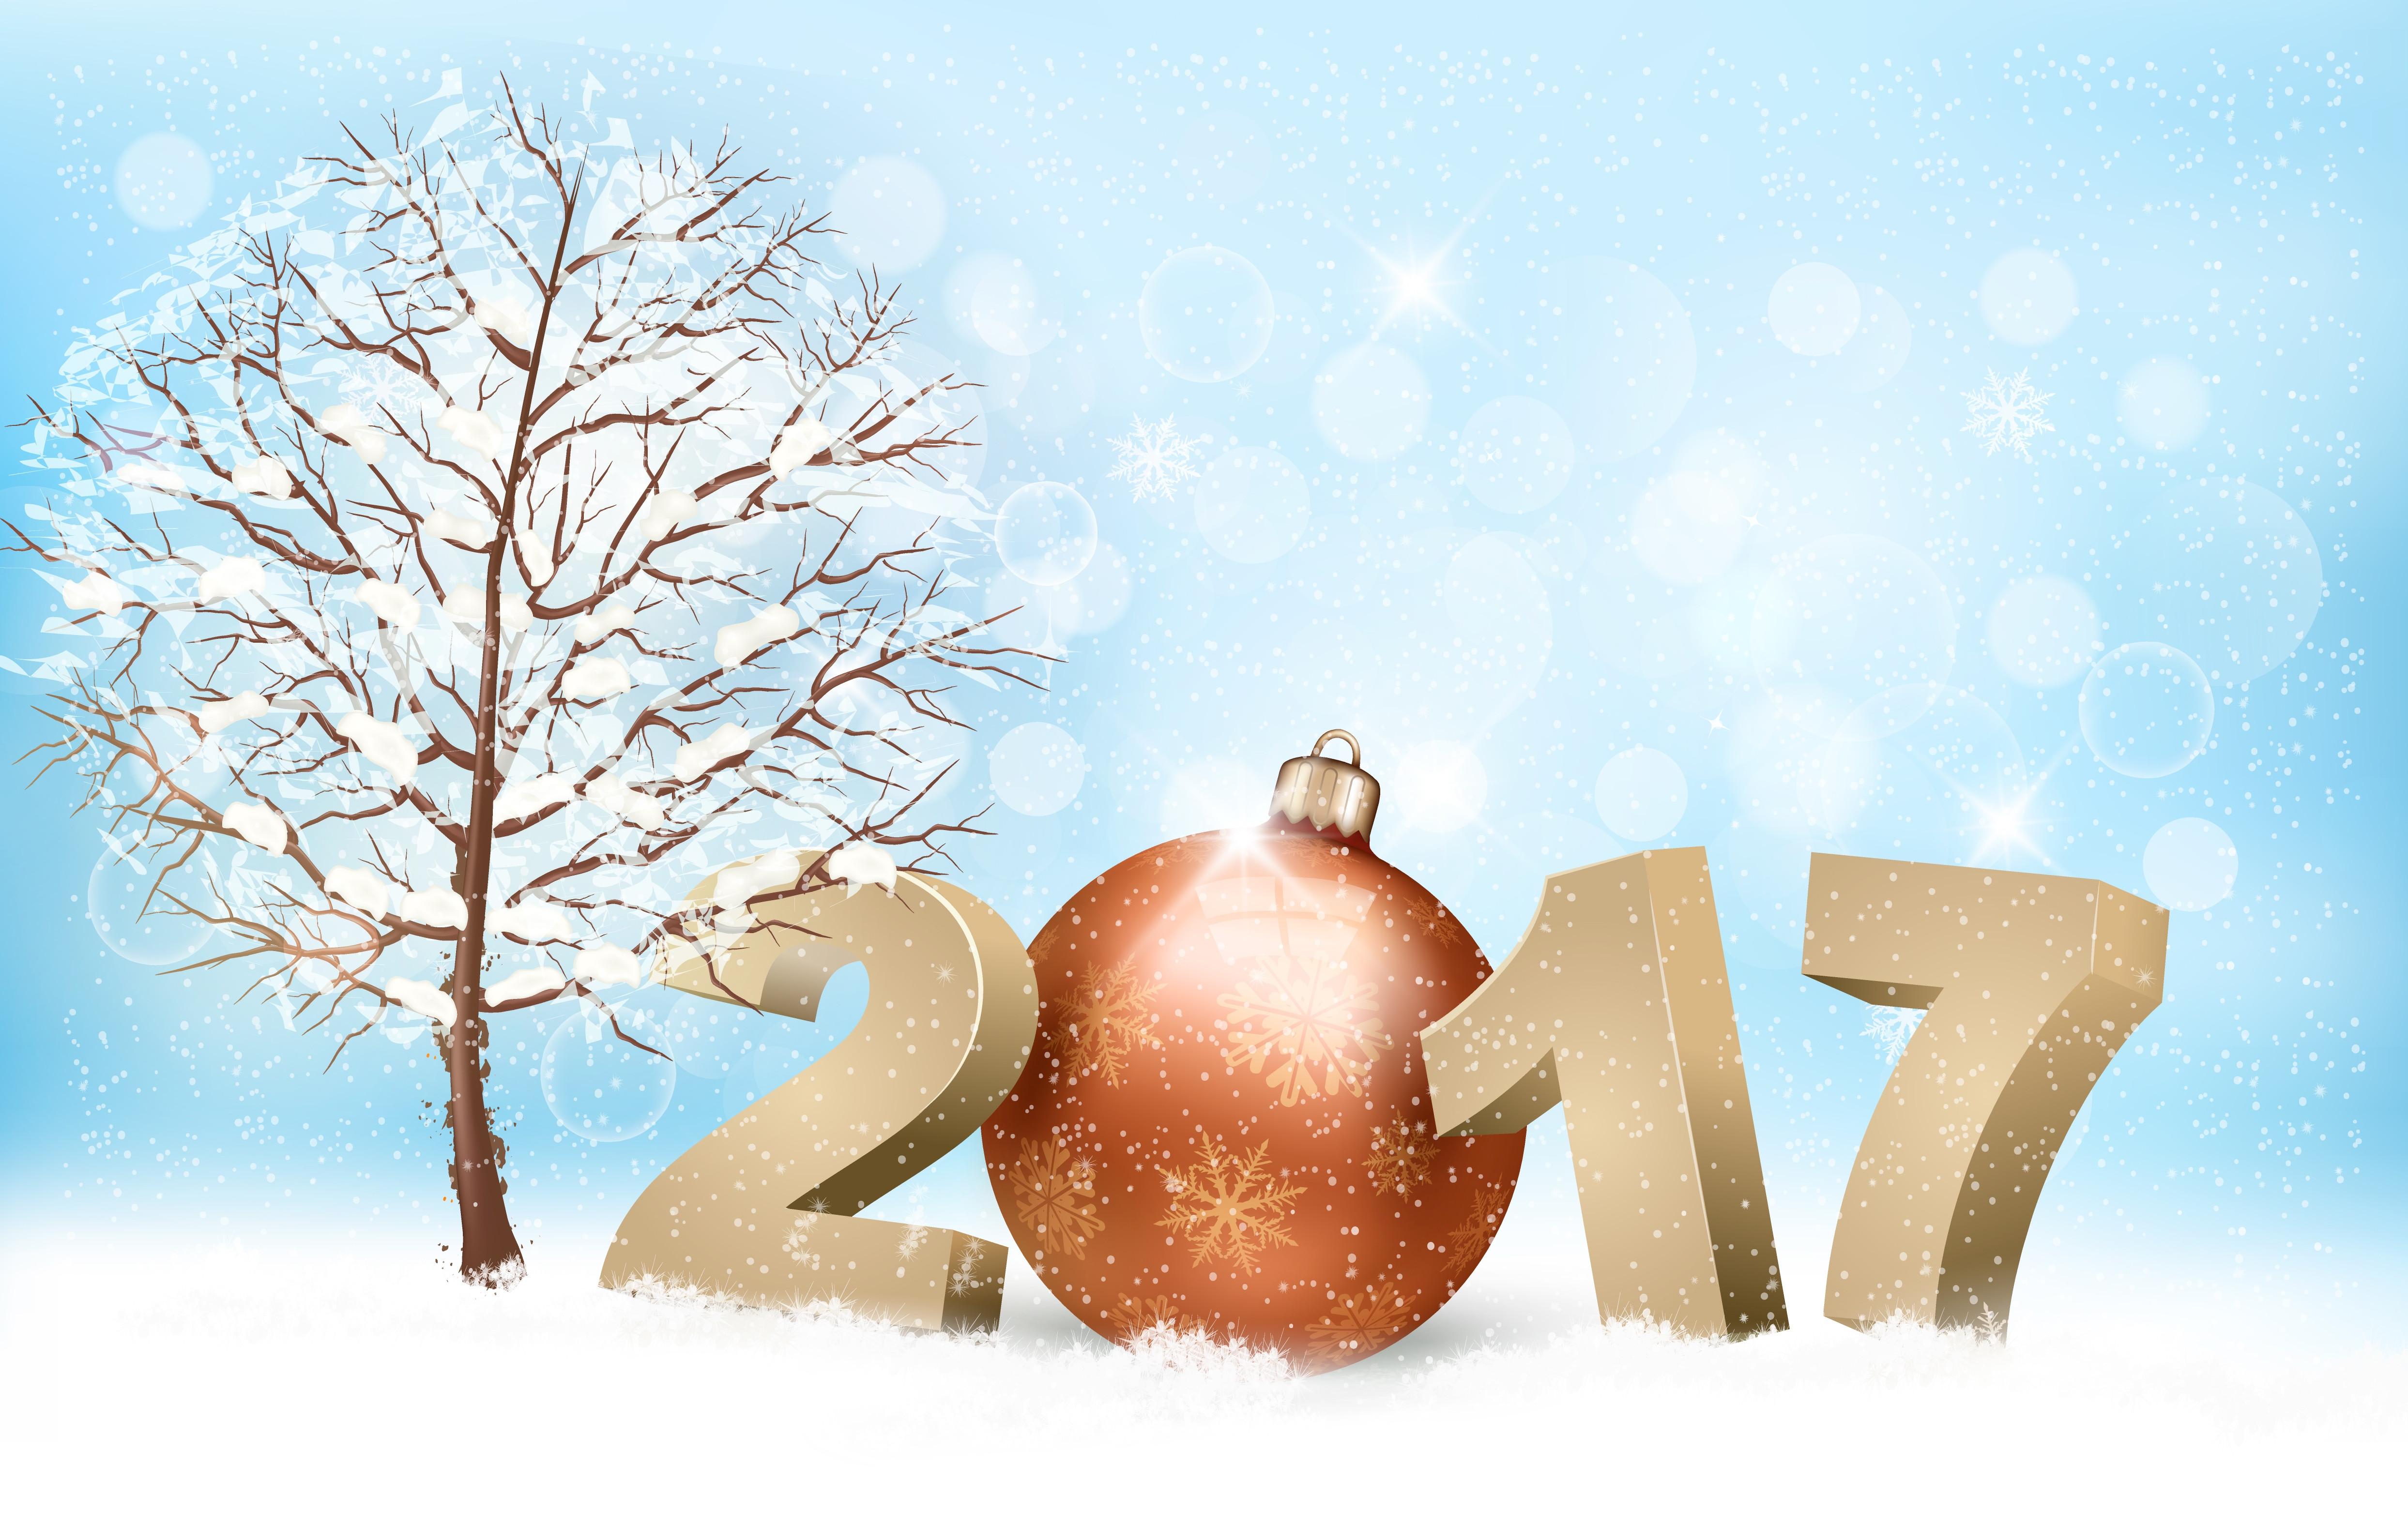 обои с новым 2017 годом, 2017, с новым годом, новогодние обои на 2017 год картинки фото